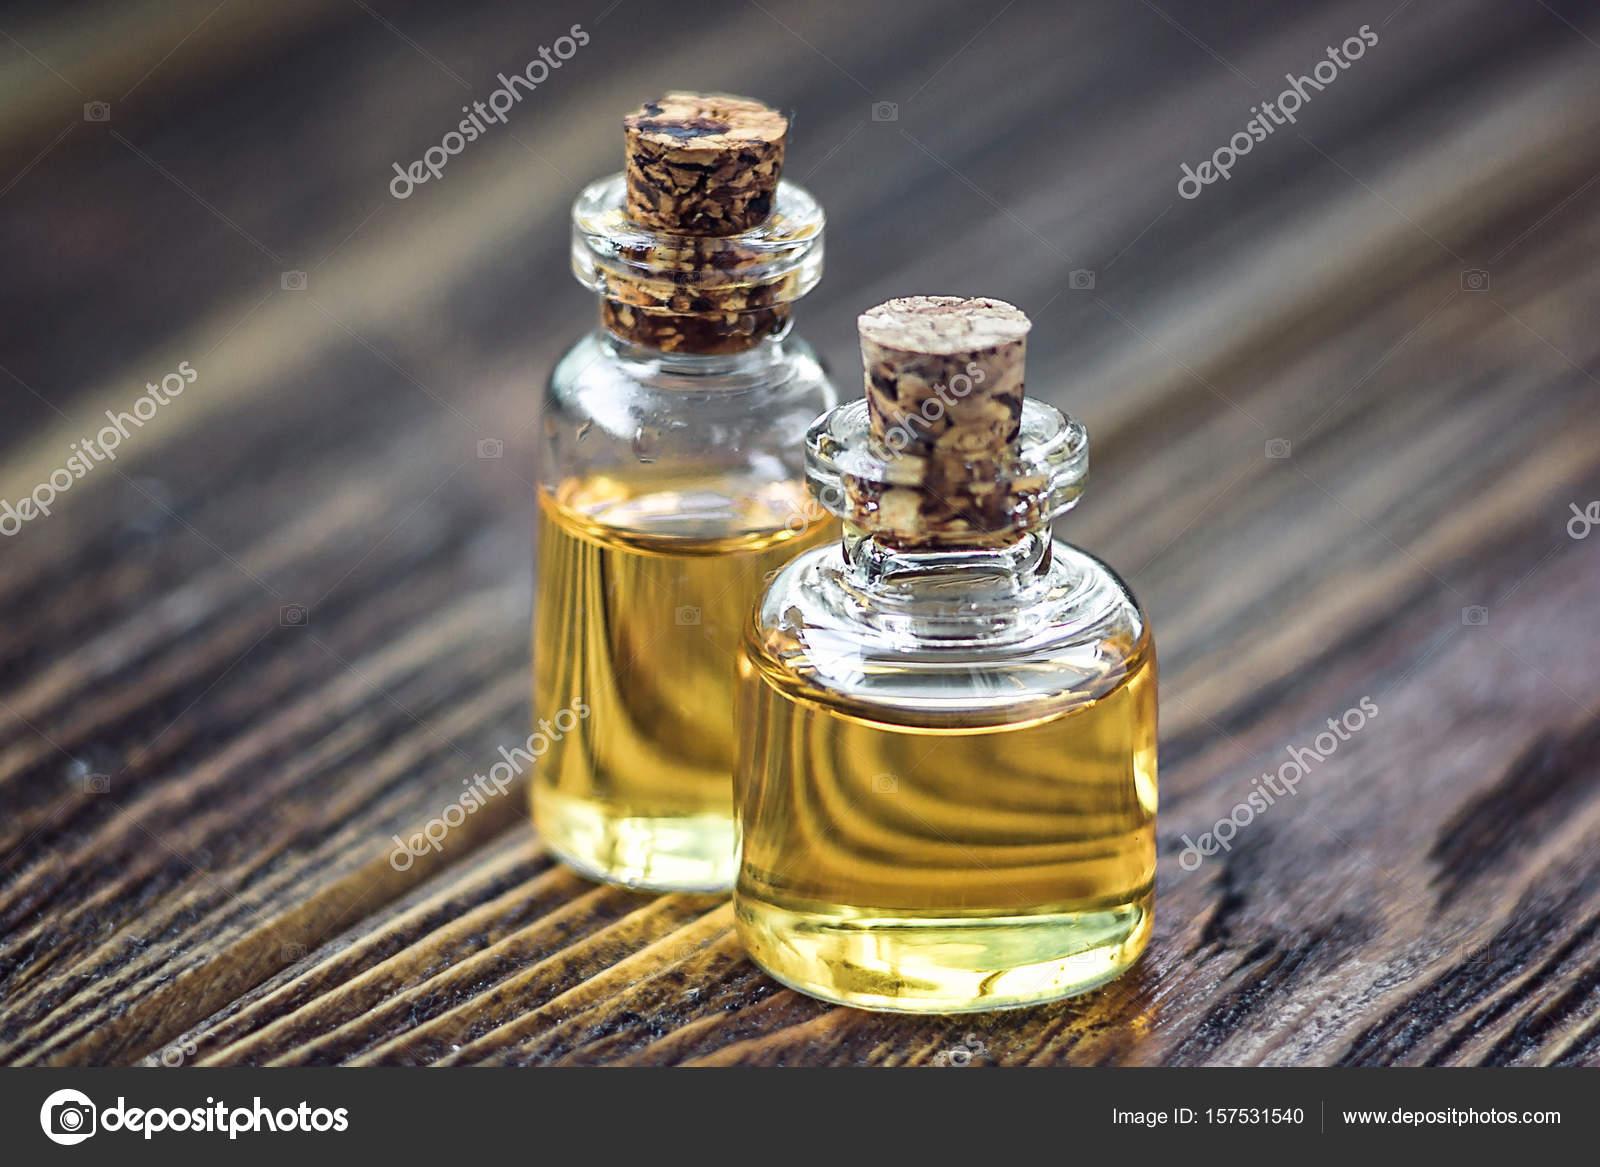 Reine Bio Aroma Duftol In Glasflasche Isoliert Auf Holzernen